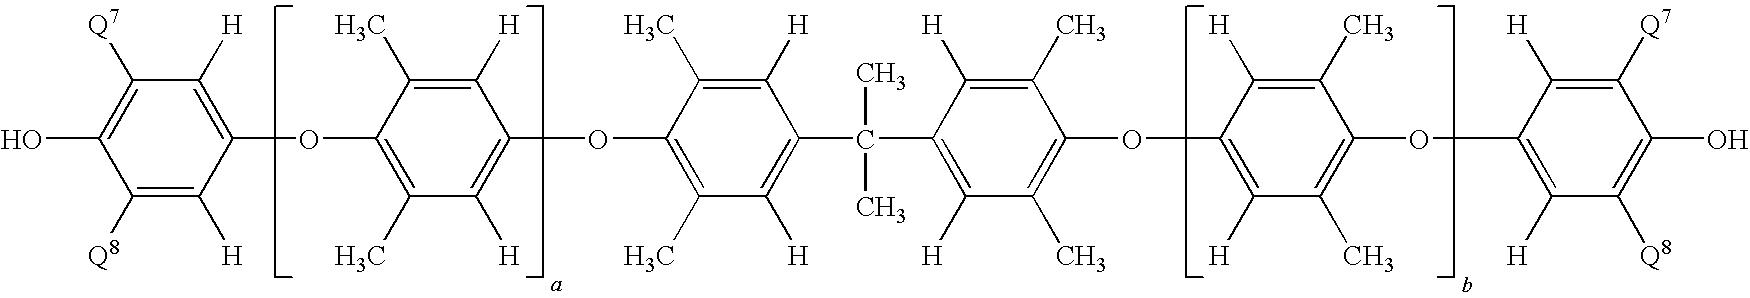 Figure US07655278-20100202-C00002